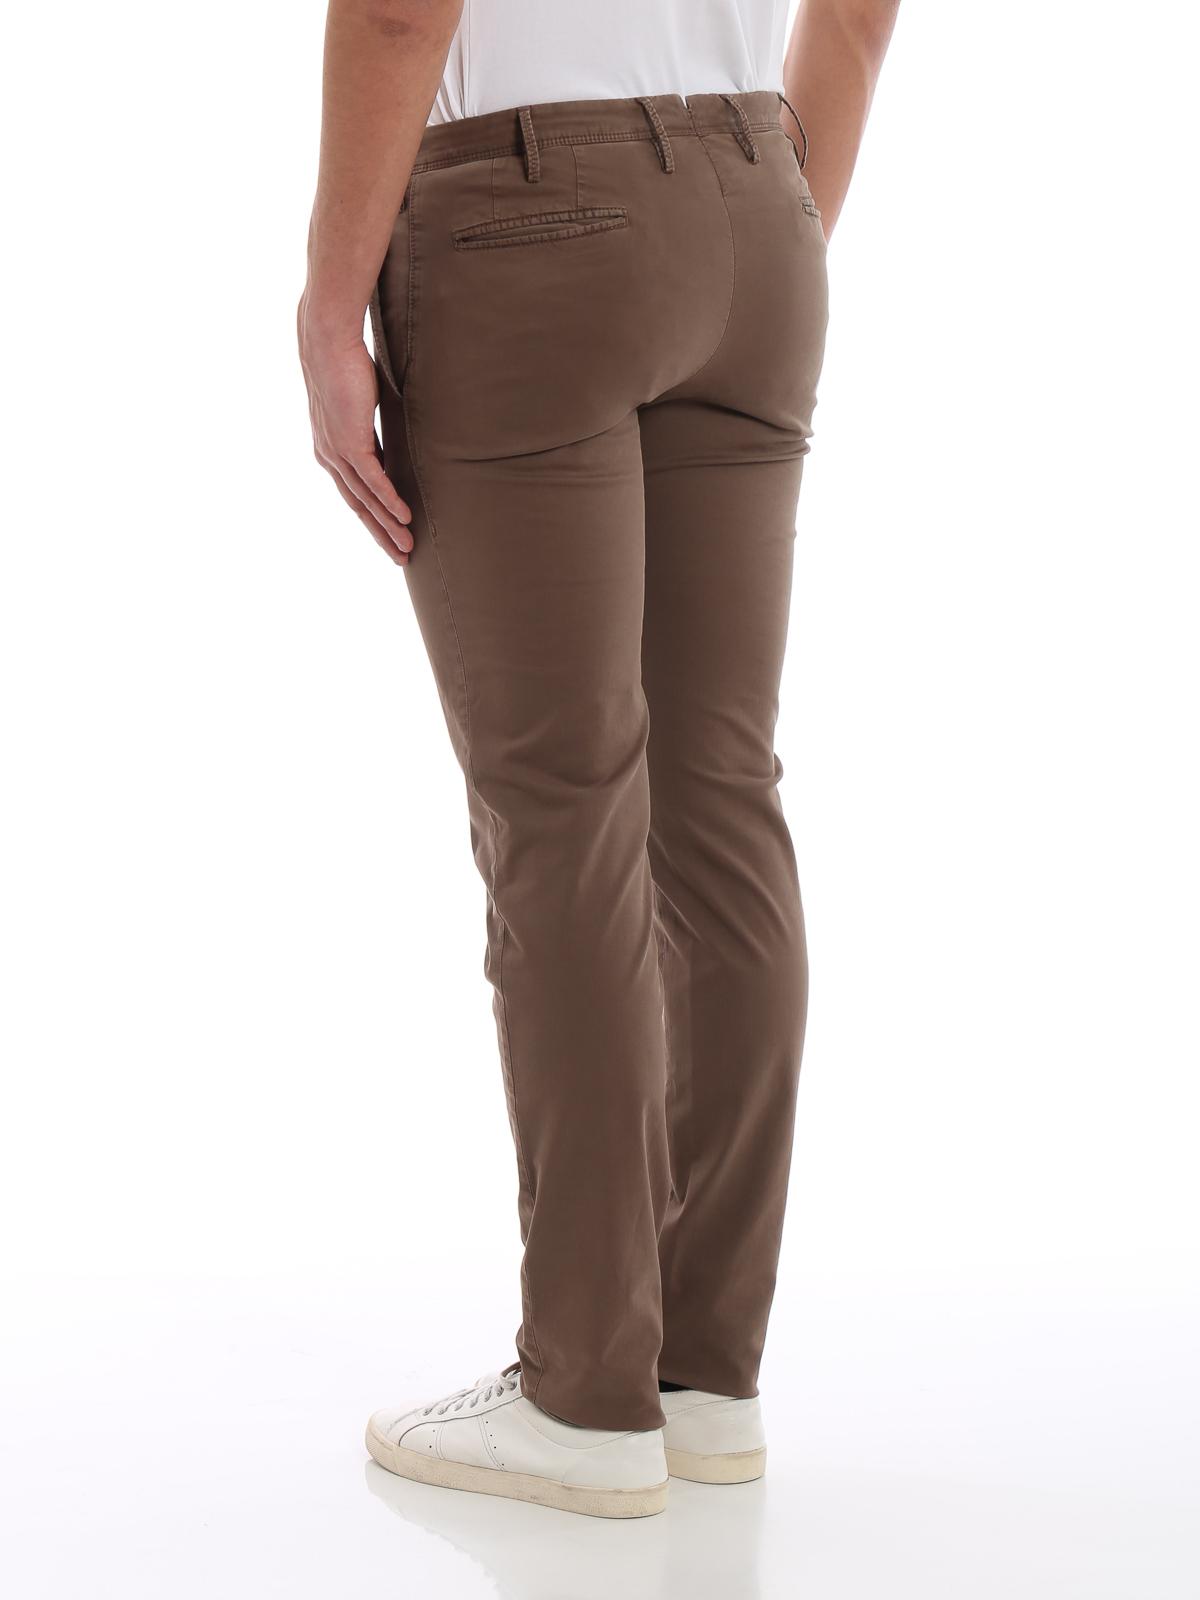 Pt 01 - Pantaloni in drill di cotone color cacao - pantaloni casual ... a8b5f045439